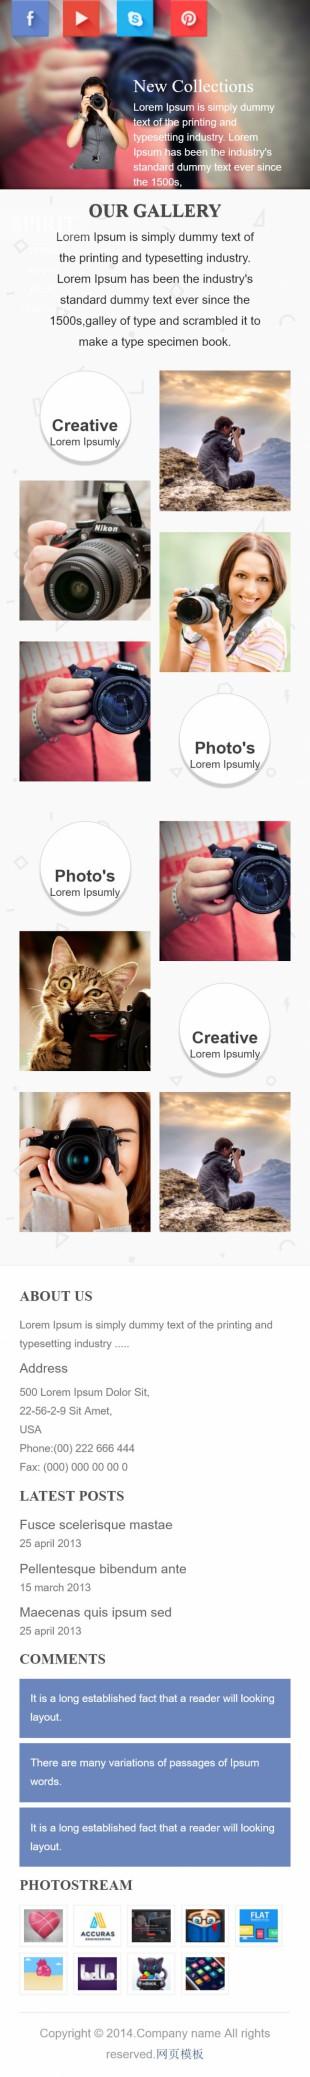 摄影类英文网站制作模板手机图片